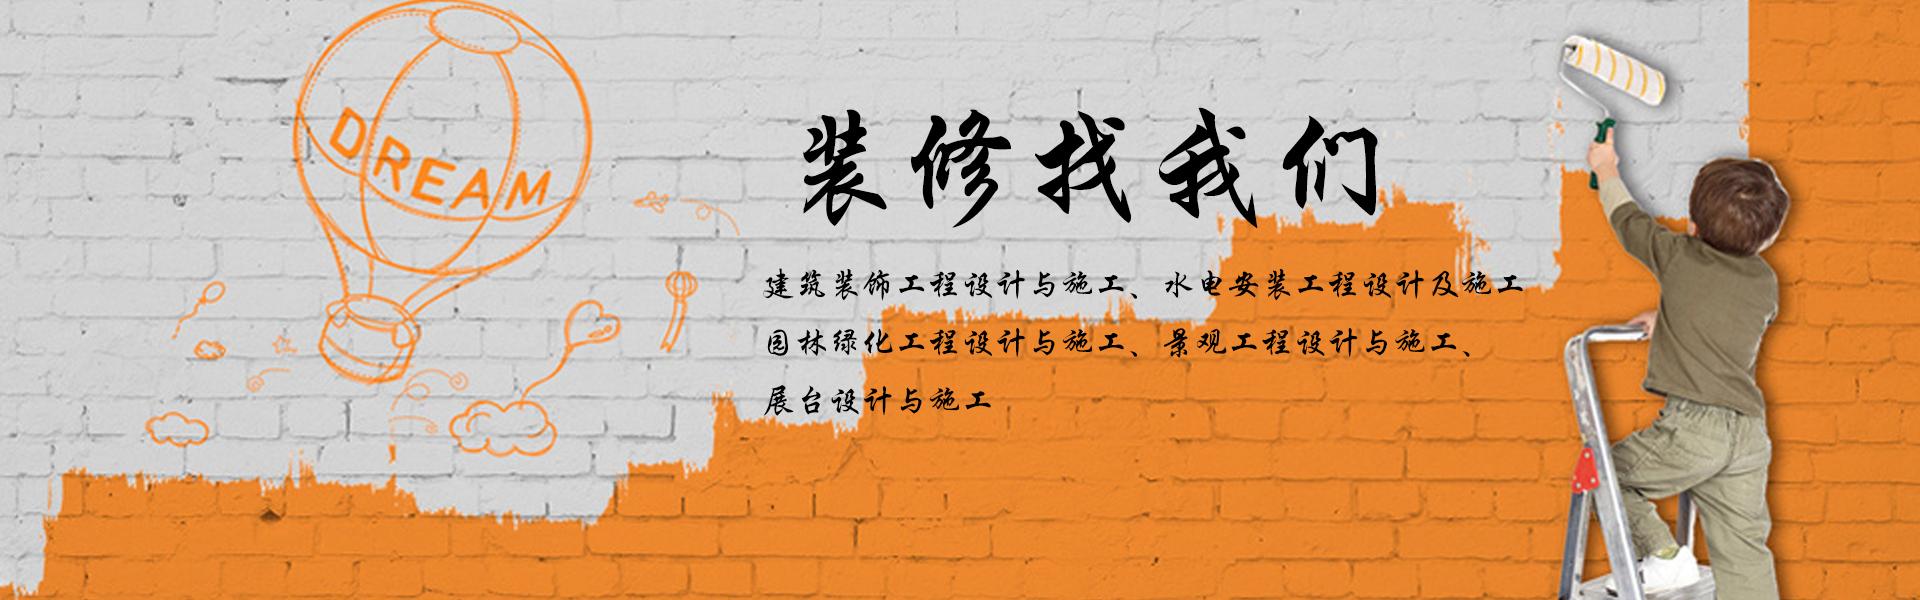 杭州印花装饰